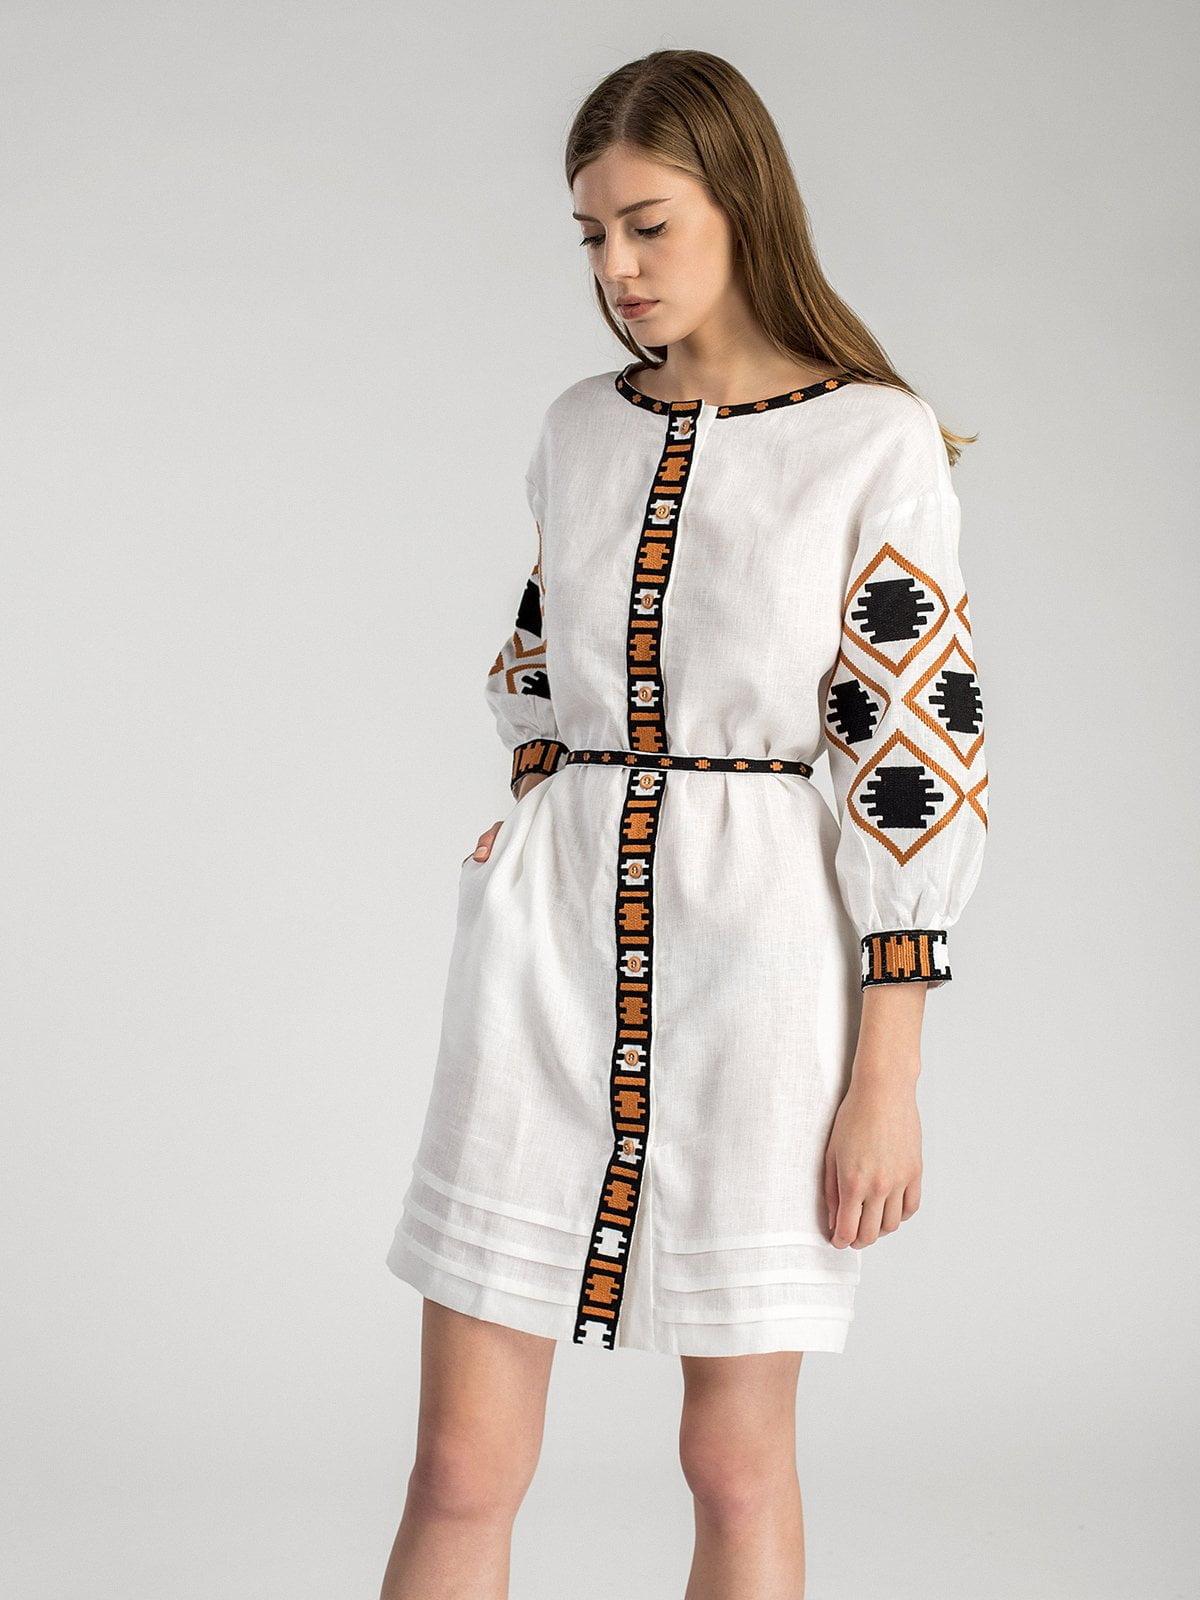 Біла лляна вишита сукня на гудзиках MD19 2 – купити в Києві та ... cf5b118b19dca